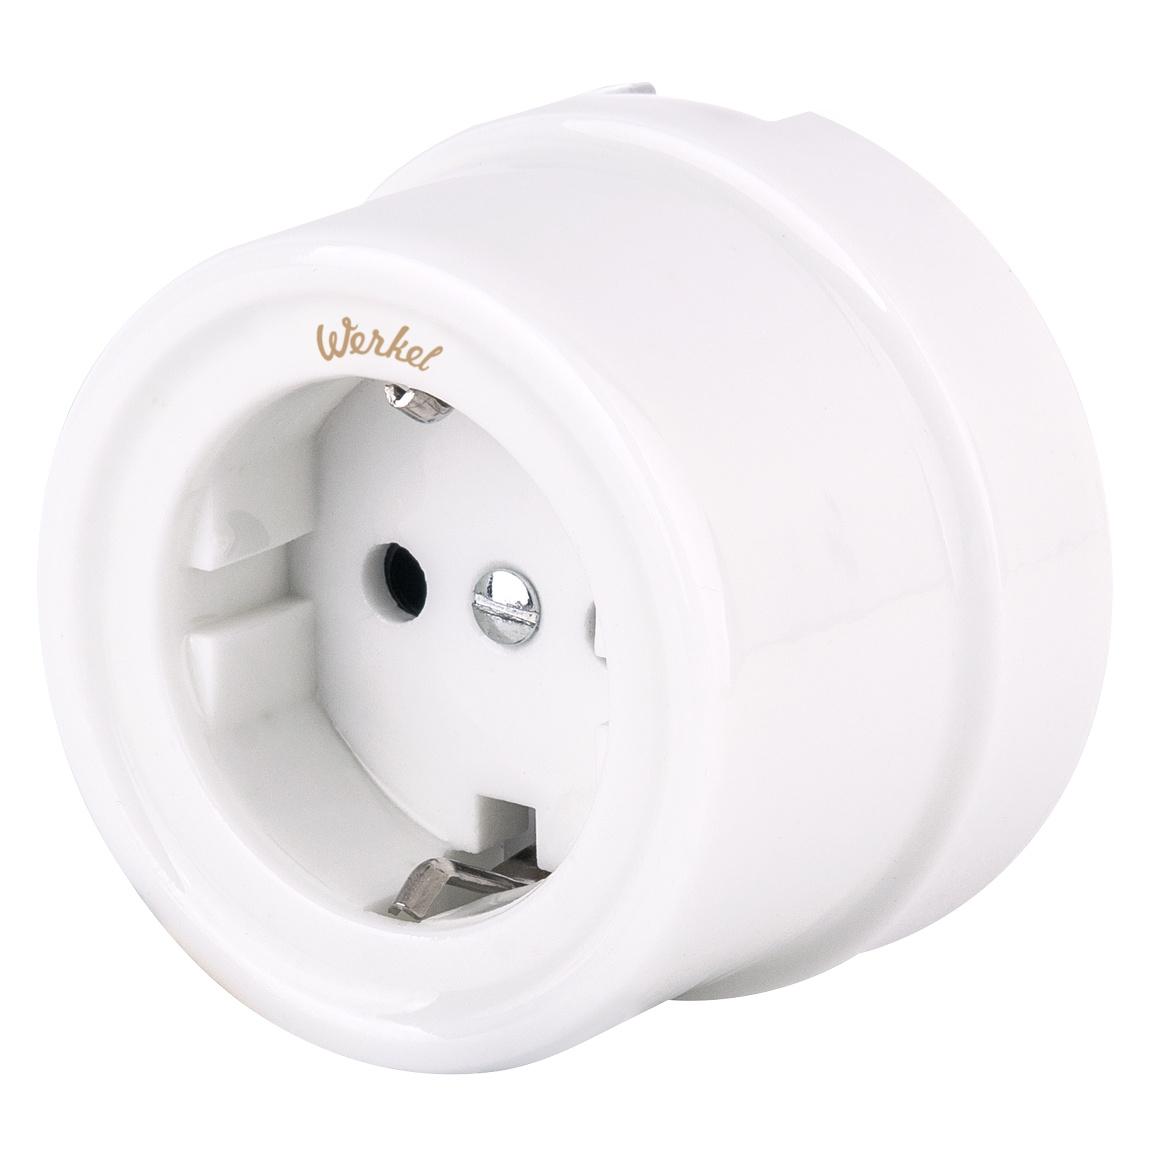 Розетка Werkel с заземлением (белый) Ретро WL18-03-01, белый ретро 2019 01 19t18 00